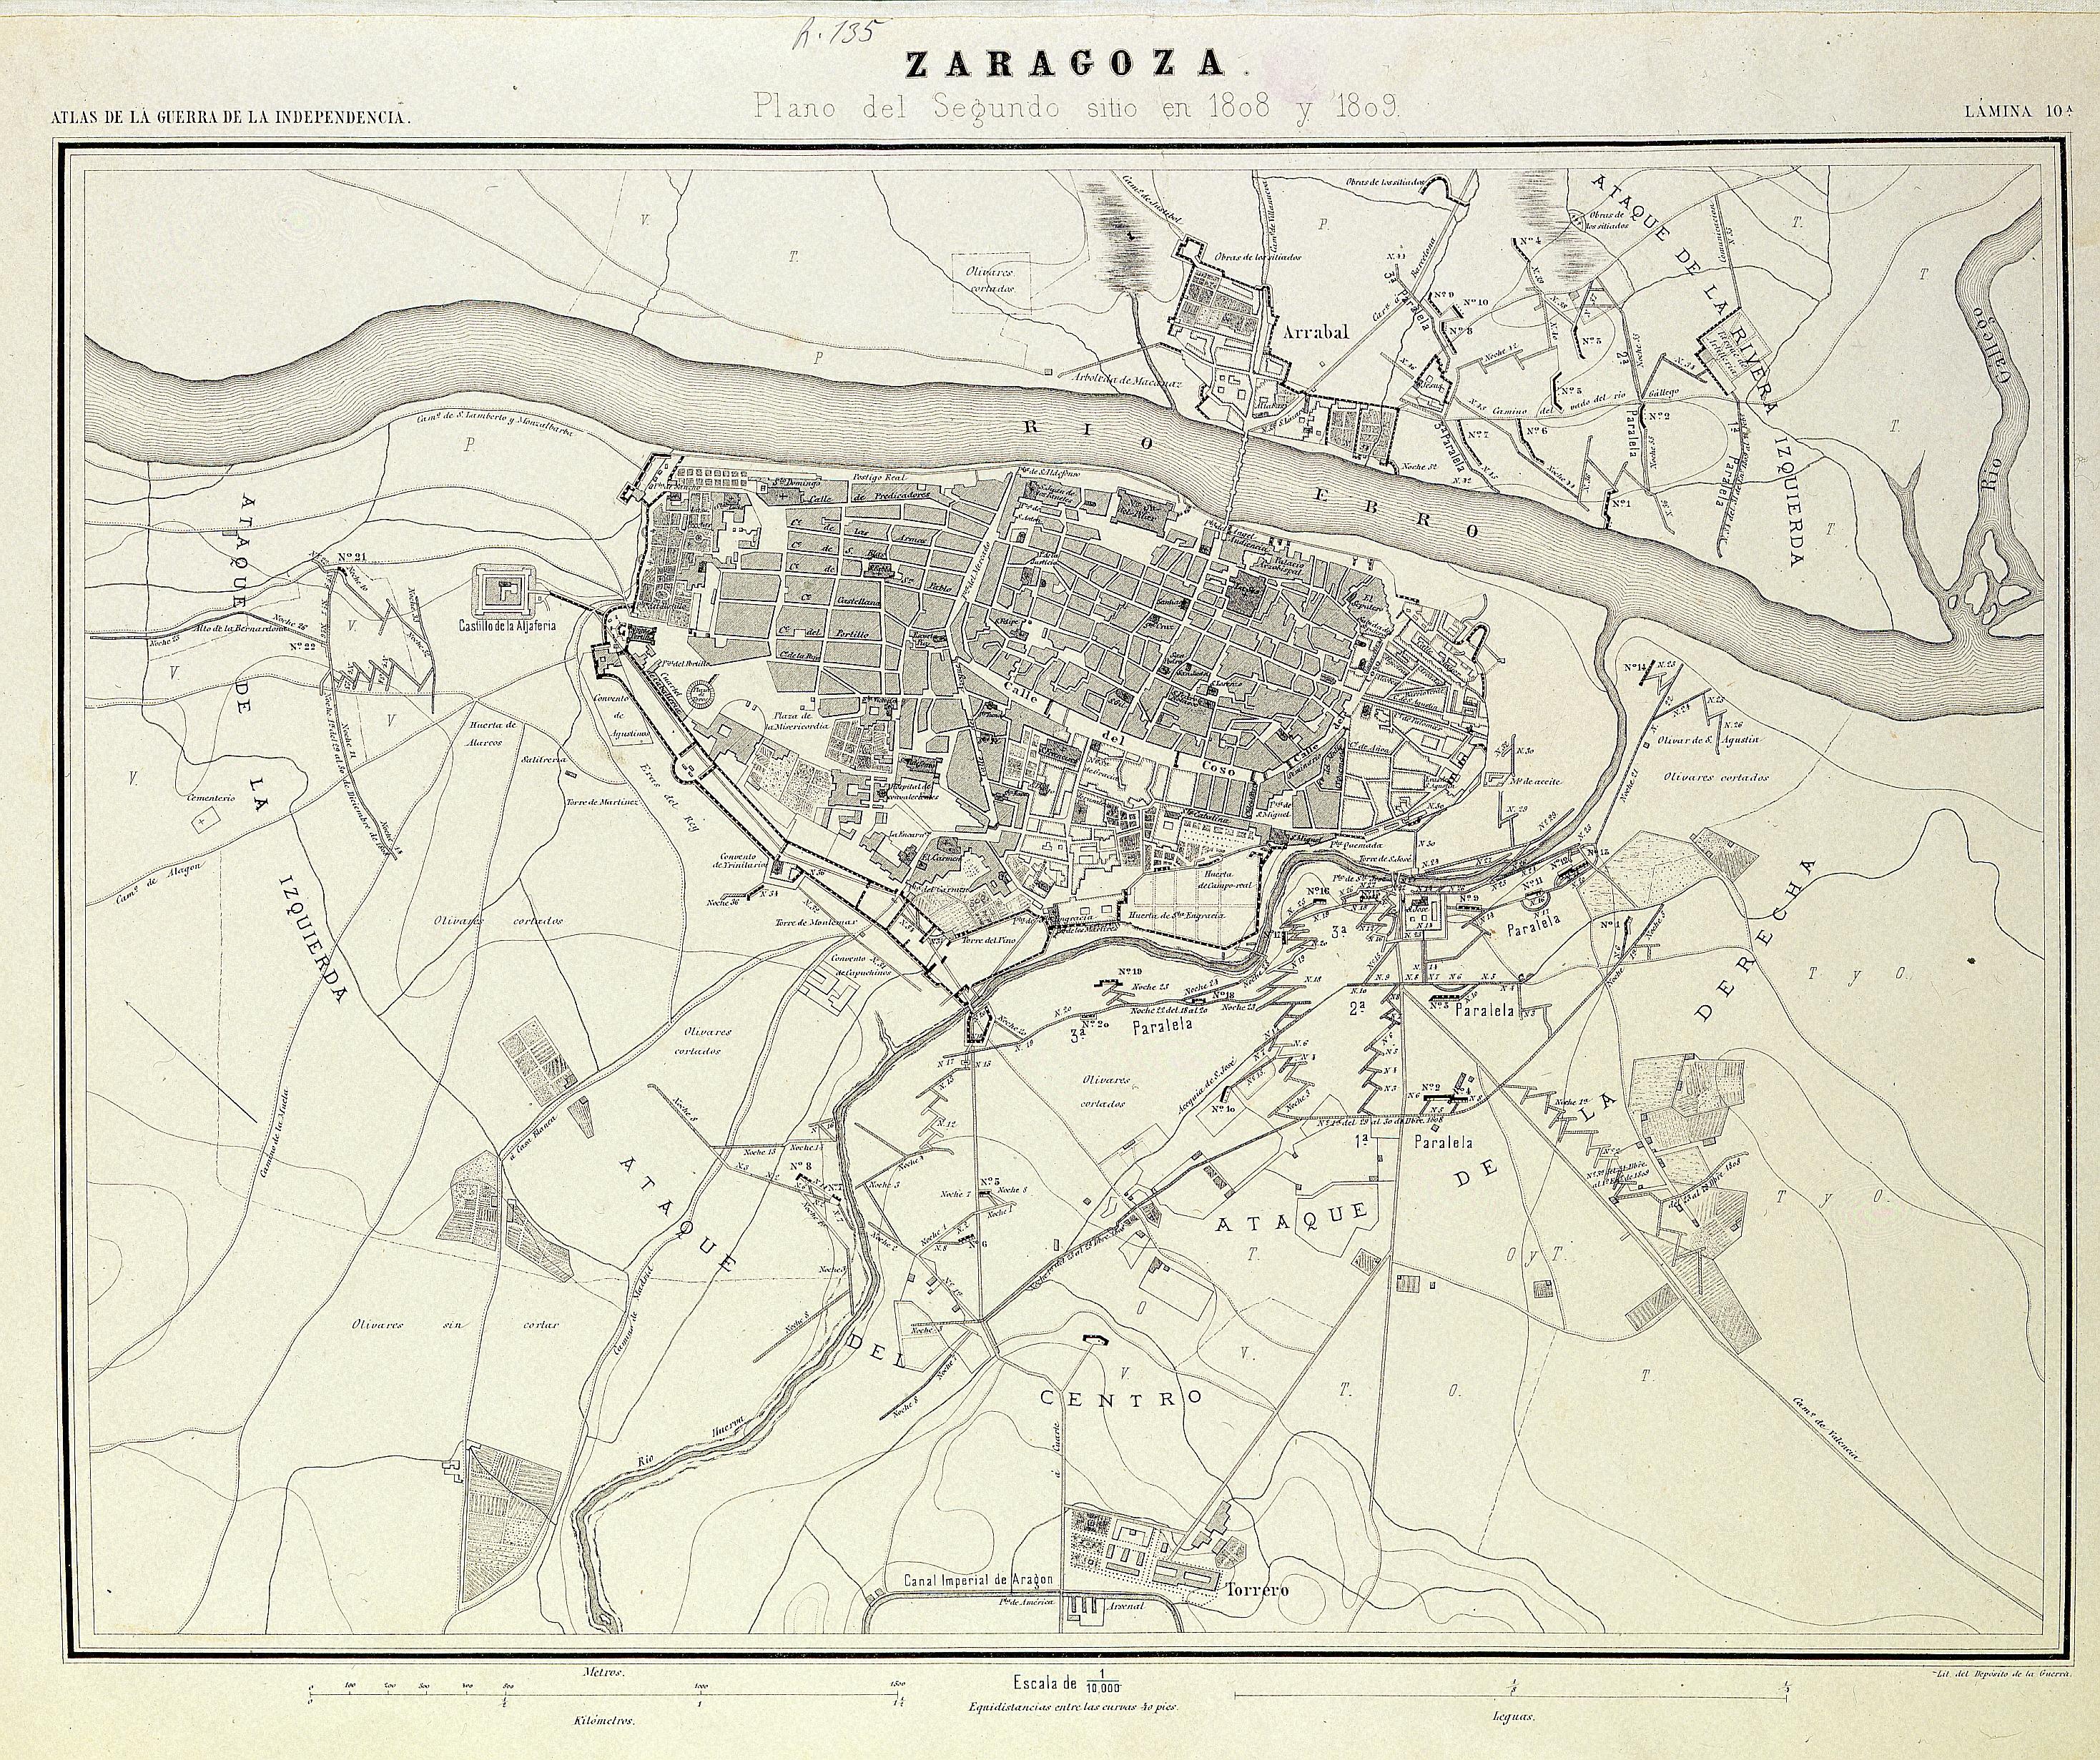 Segundo sitio de Zaragoza en 1808